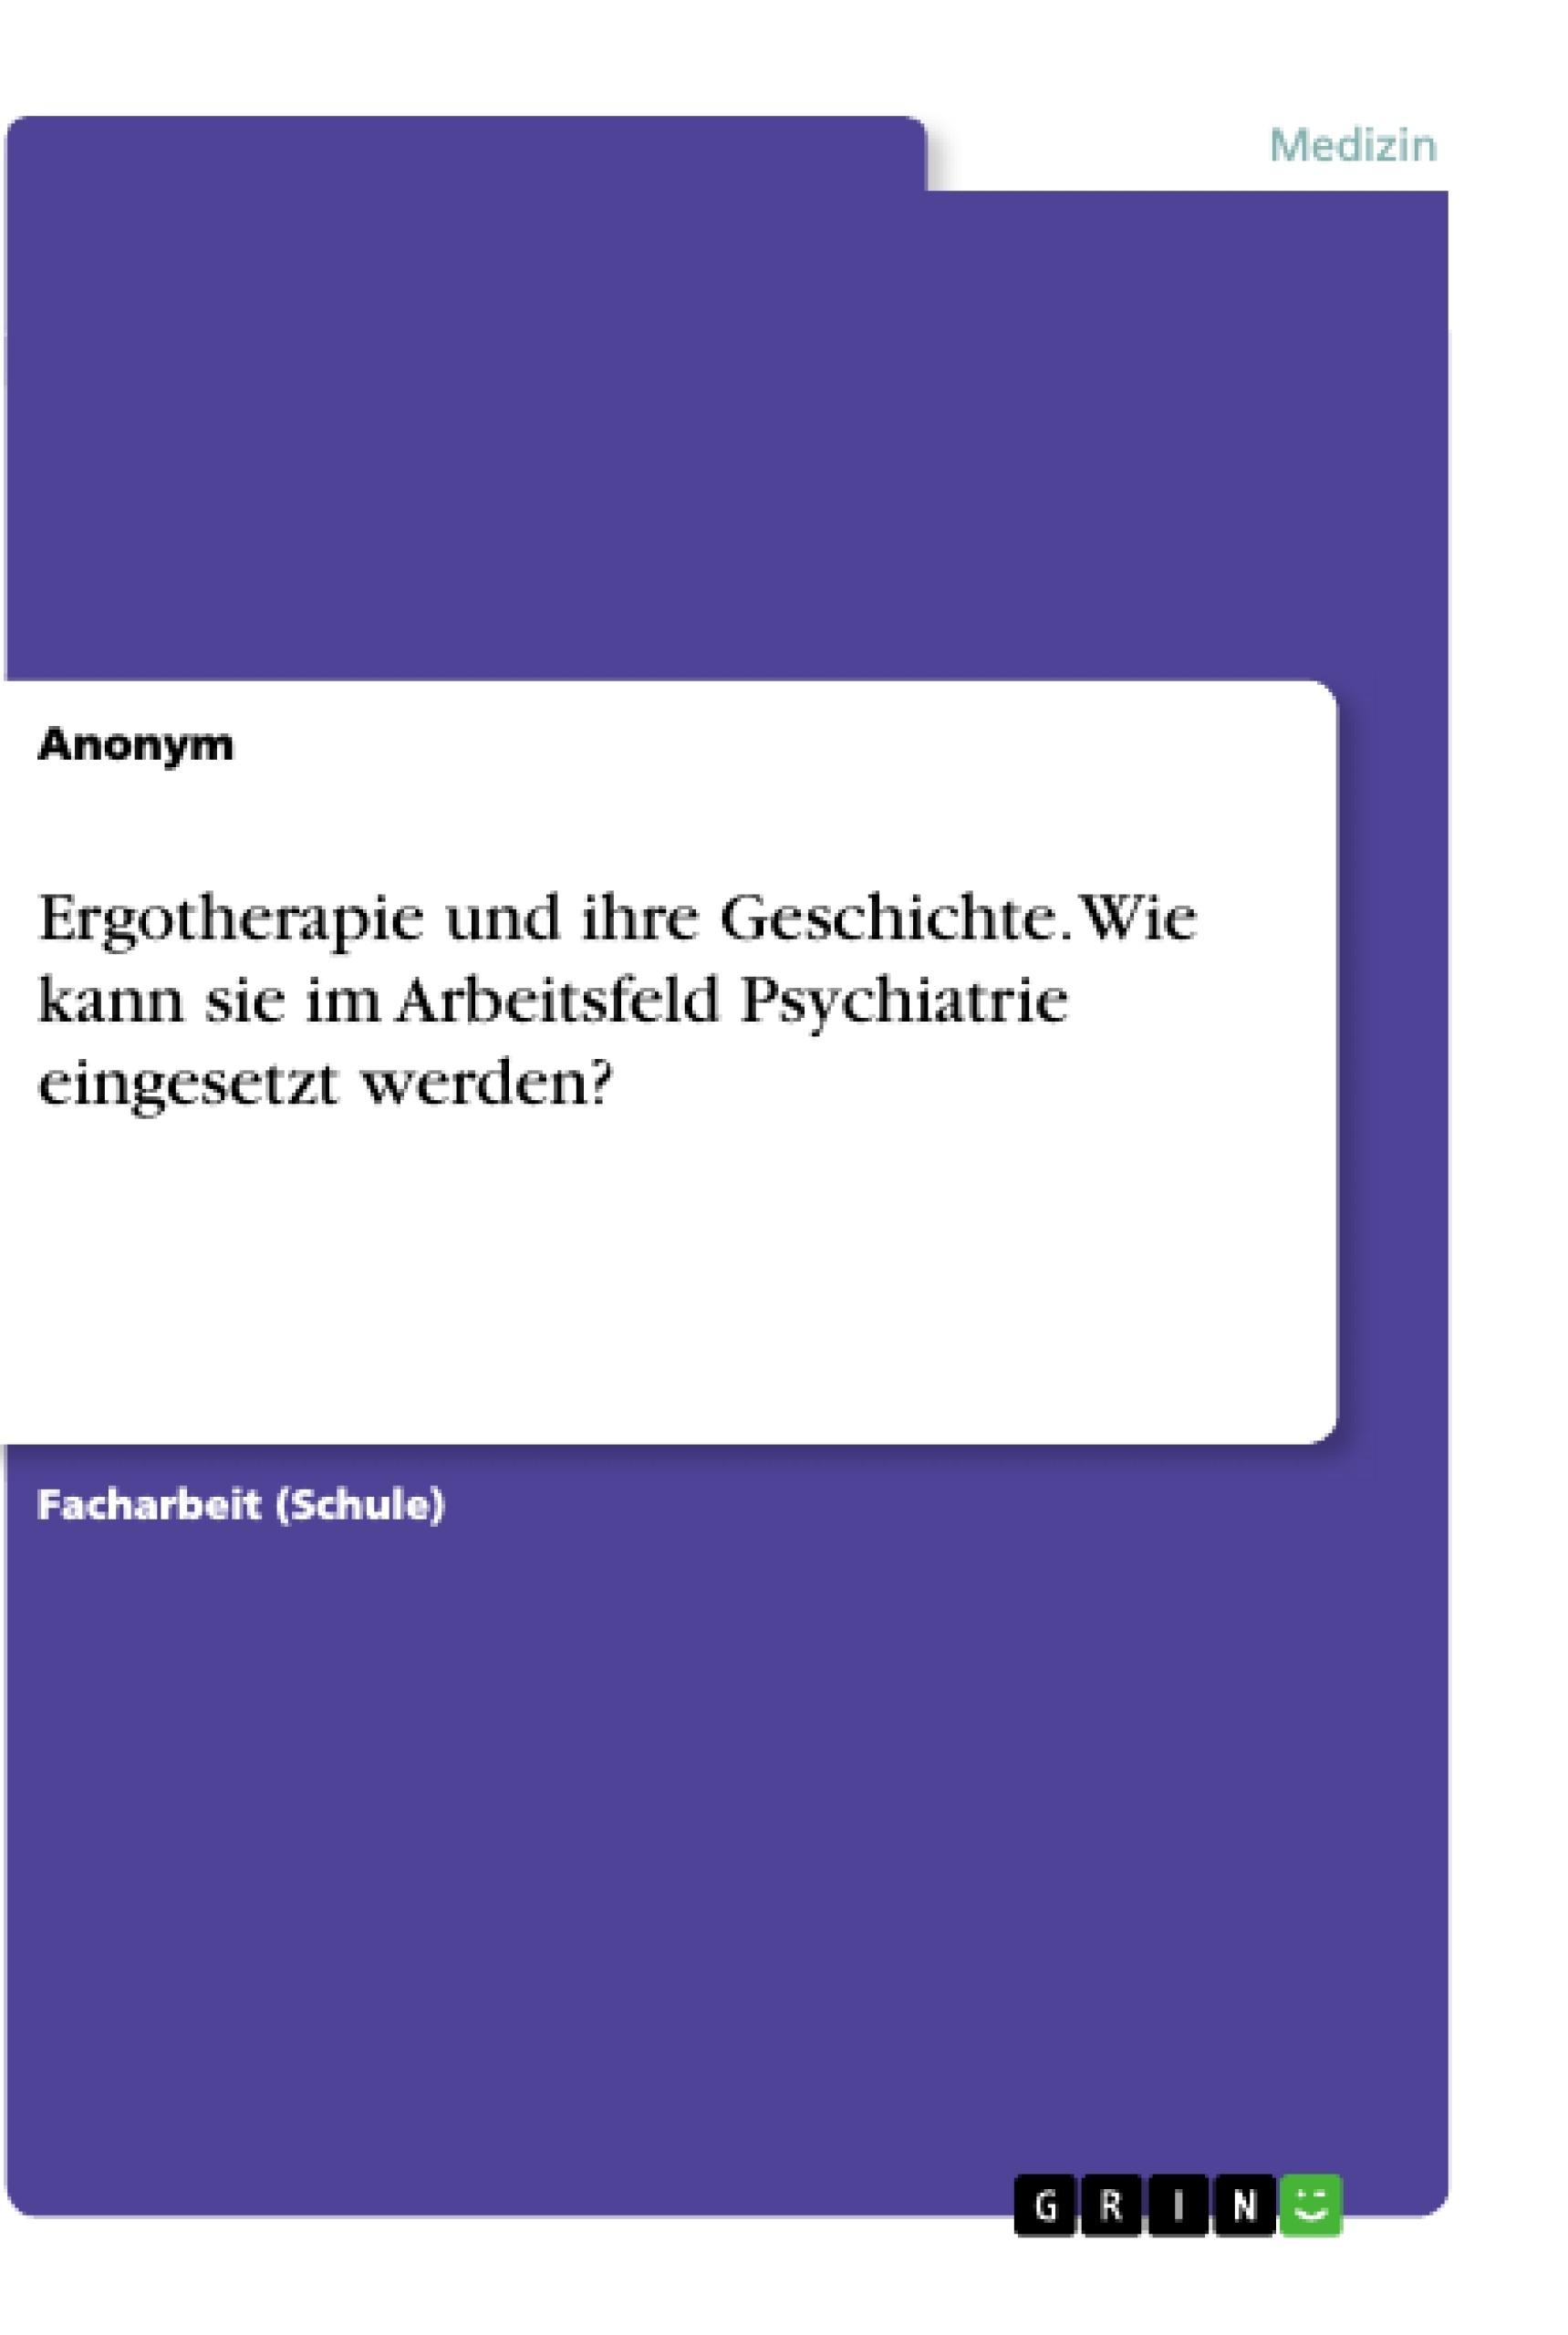 Titel: Ergotherapie und ihre Geschichte. Wie kann sie im Arbeitsfeld Psychiatrie eingesetzt werden?